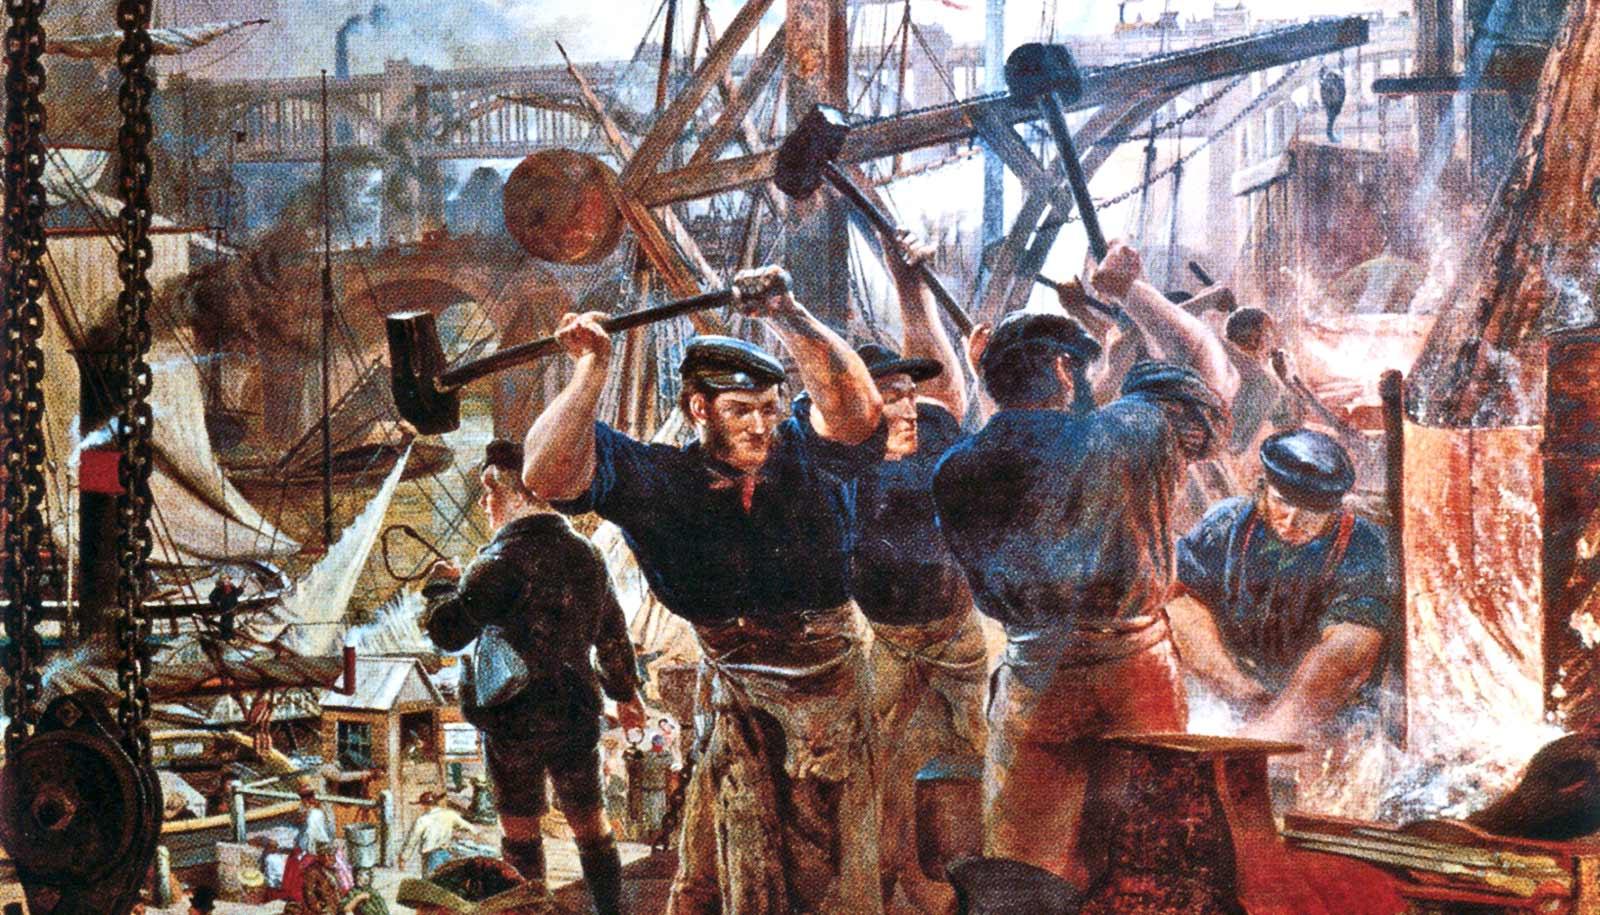 رسم تخيلي يجسد عدداً من العمال خلال فترة الثورة الصناعية